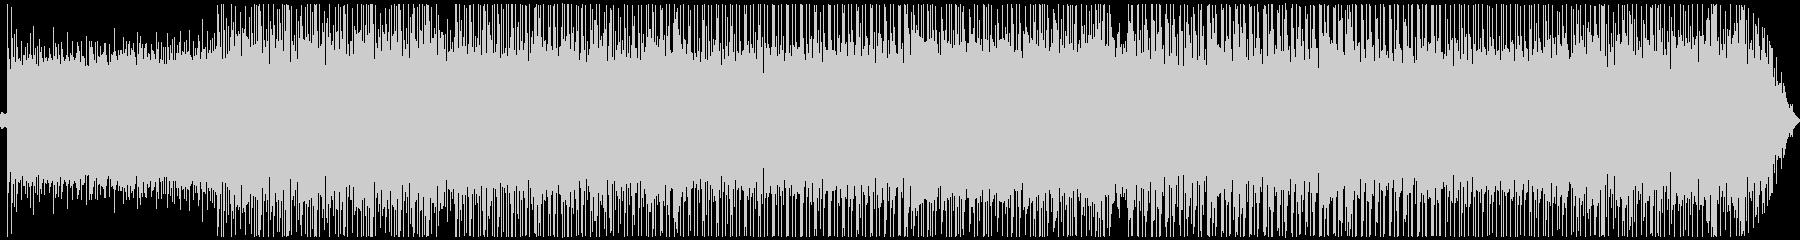 美しいピアノのドラムンベース・ボスバトルの未再生の波形